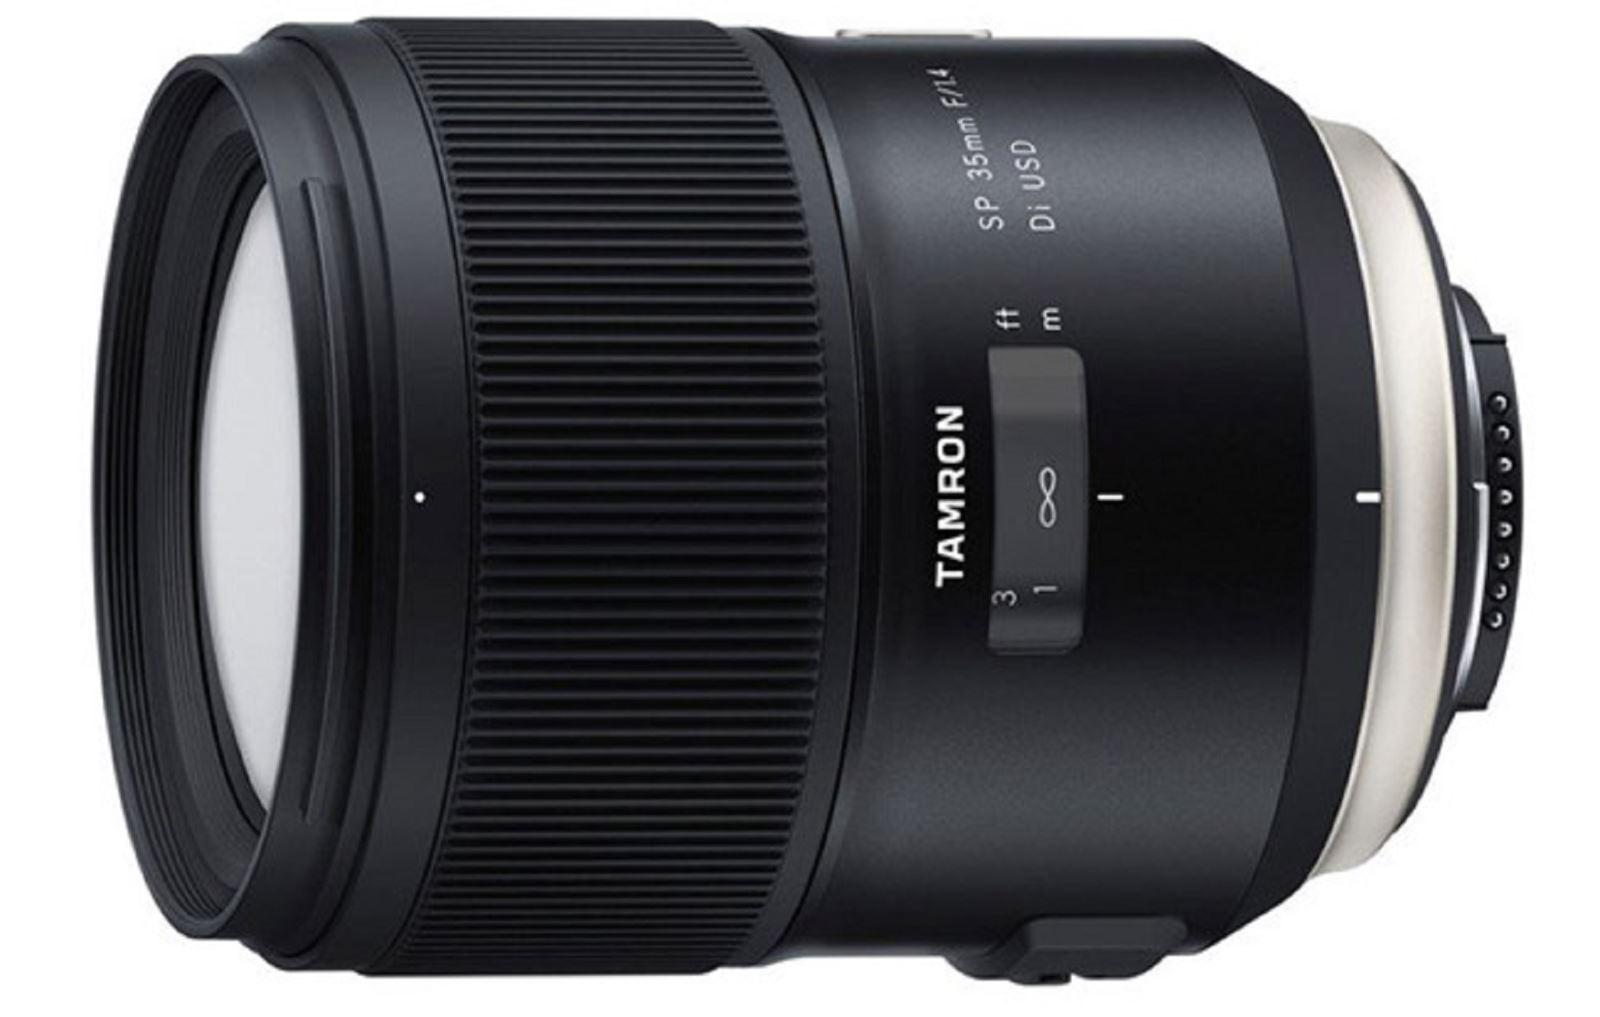 Tamron chính thứcra mắtống kính SP 35mm f/1.4 Di USD - Ống kính Prime tốt nhất của dòng này